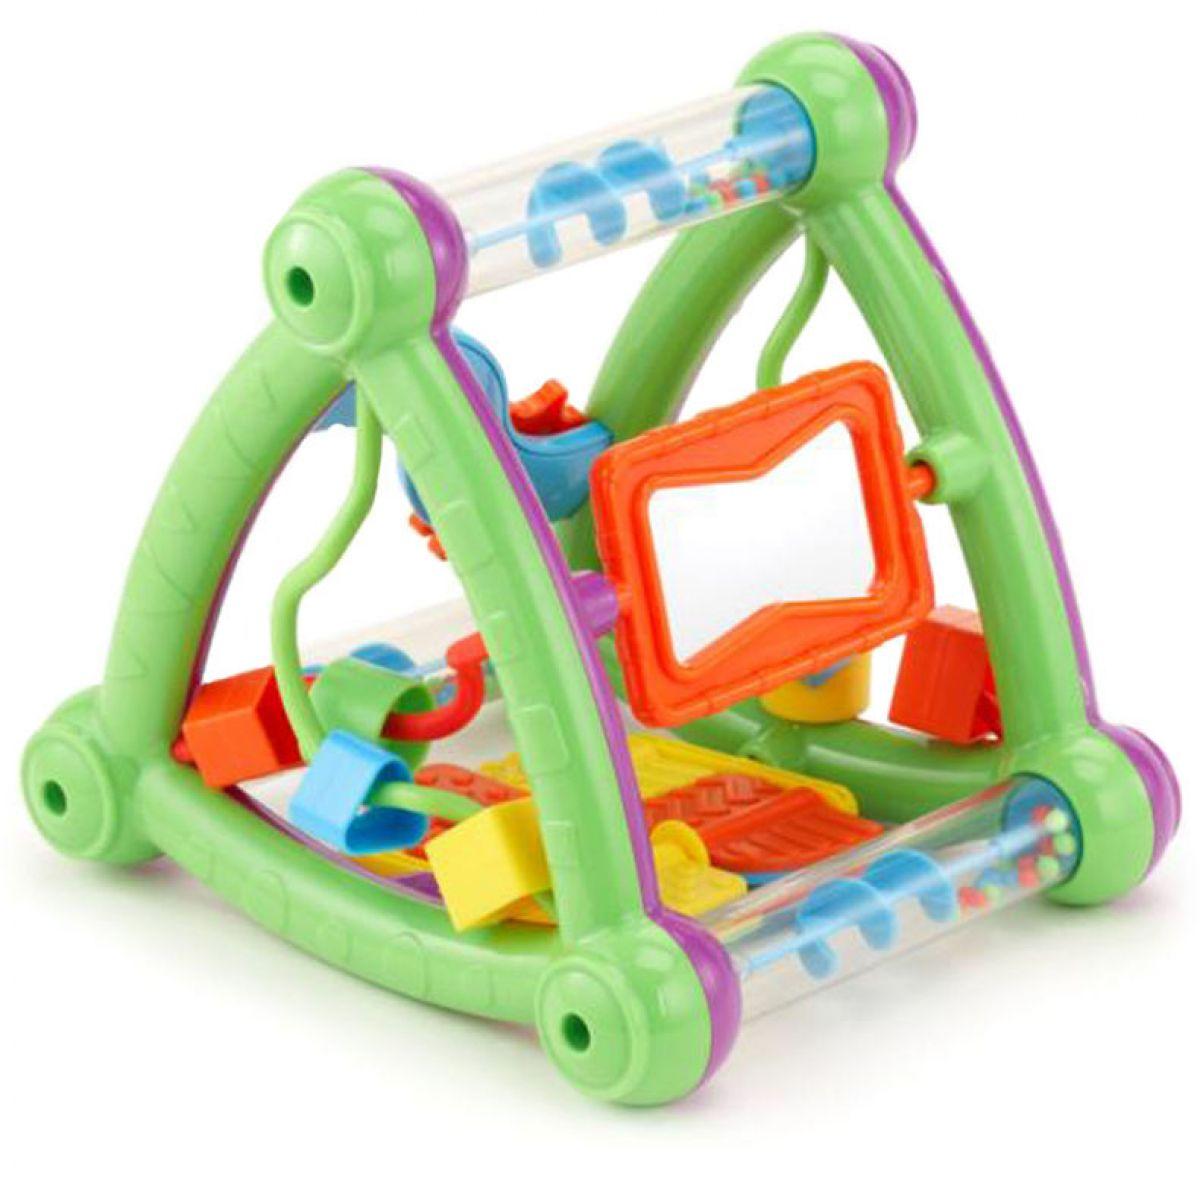 Little Tikes Multifunkční hrací trojúhelník 636400M